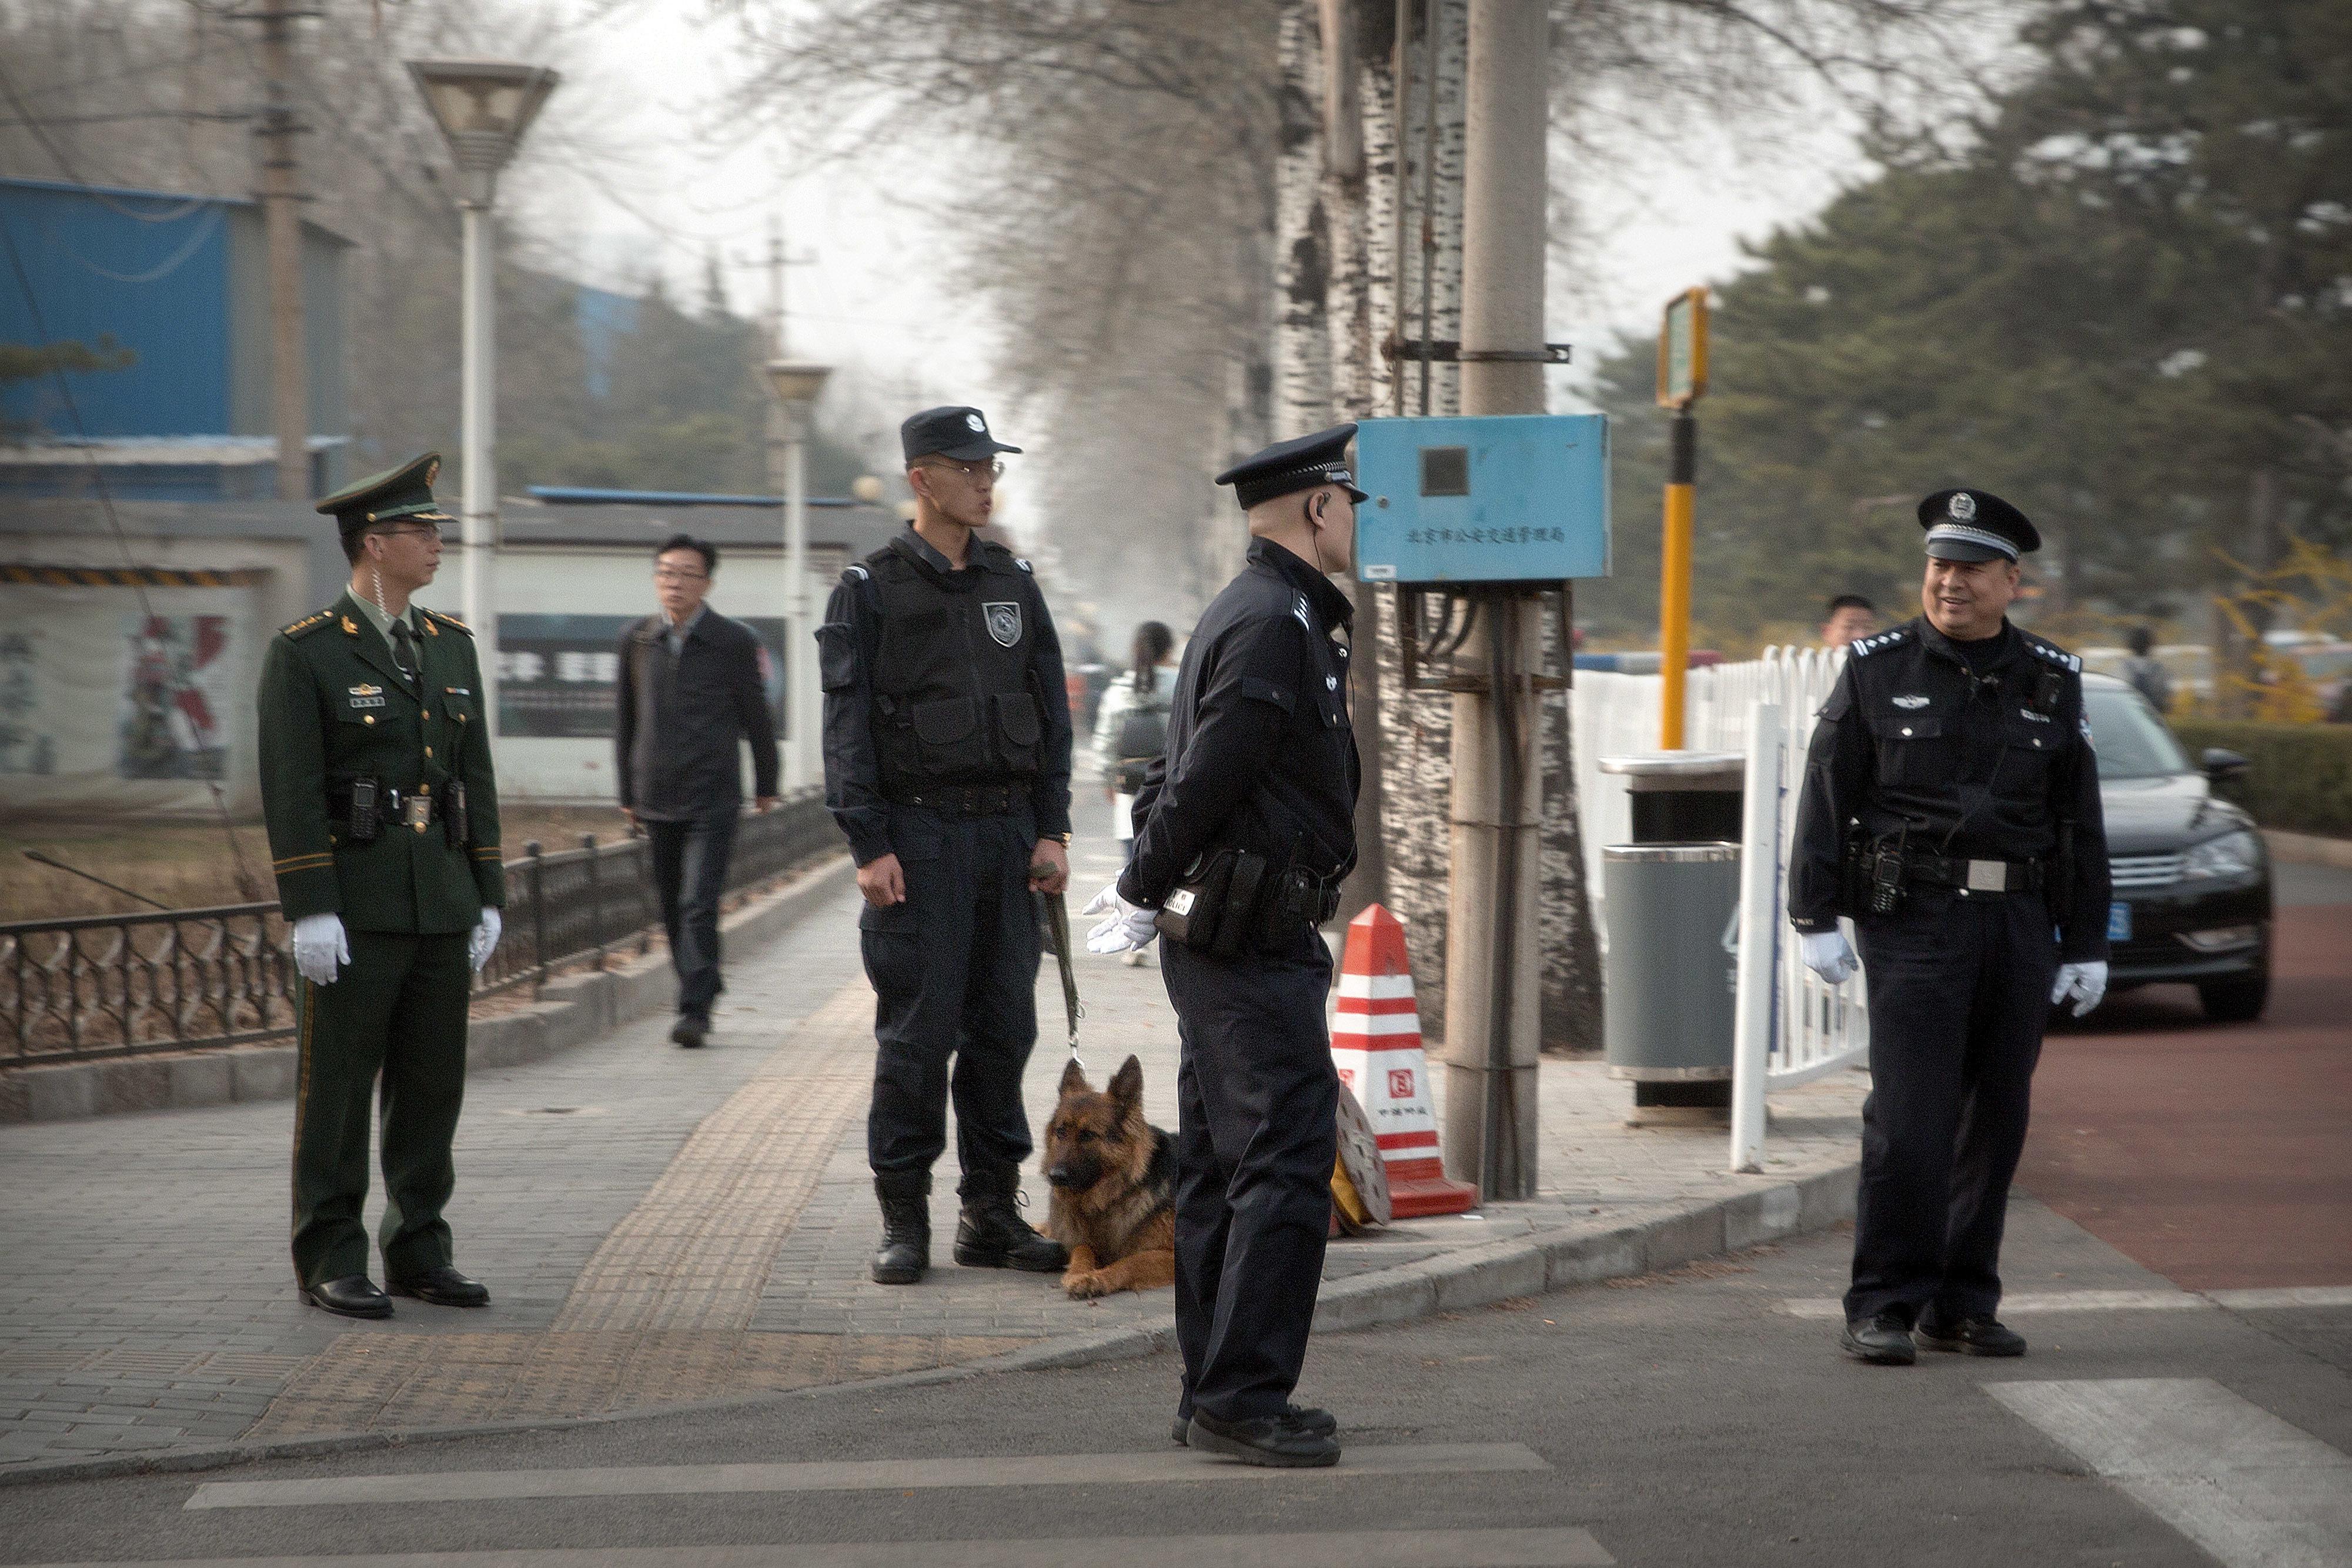 Κίνα: Γυναίκα επιτέθηκε σε παιδικό σταθμό με μαχαίρι, τραυματίζοντας 14